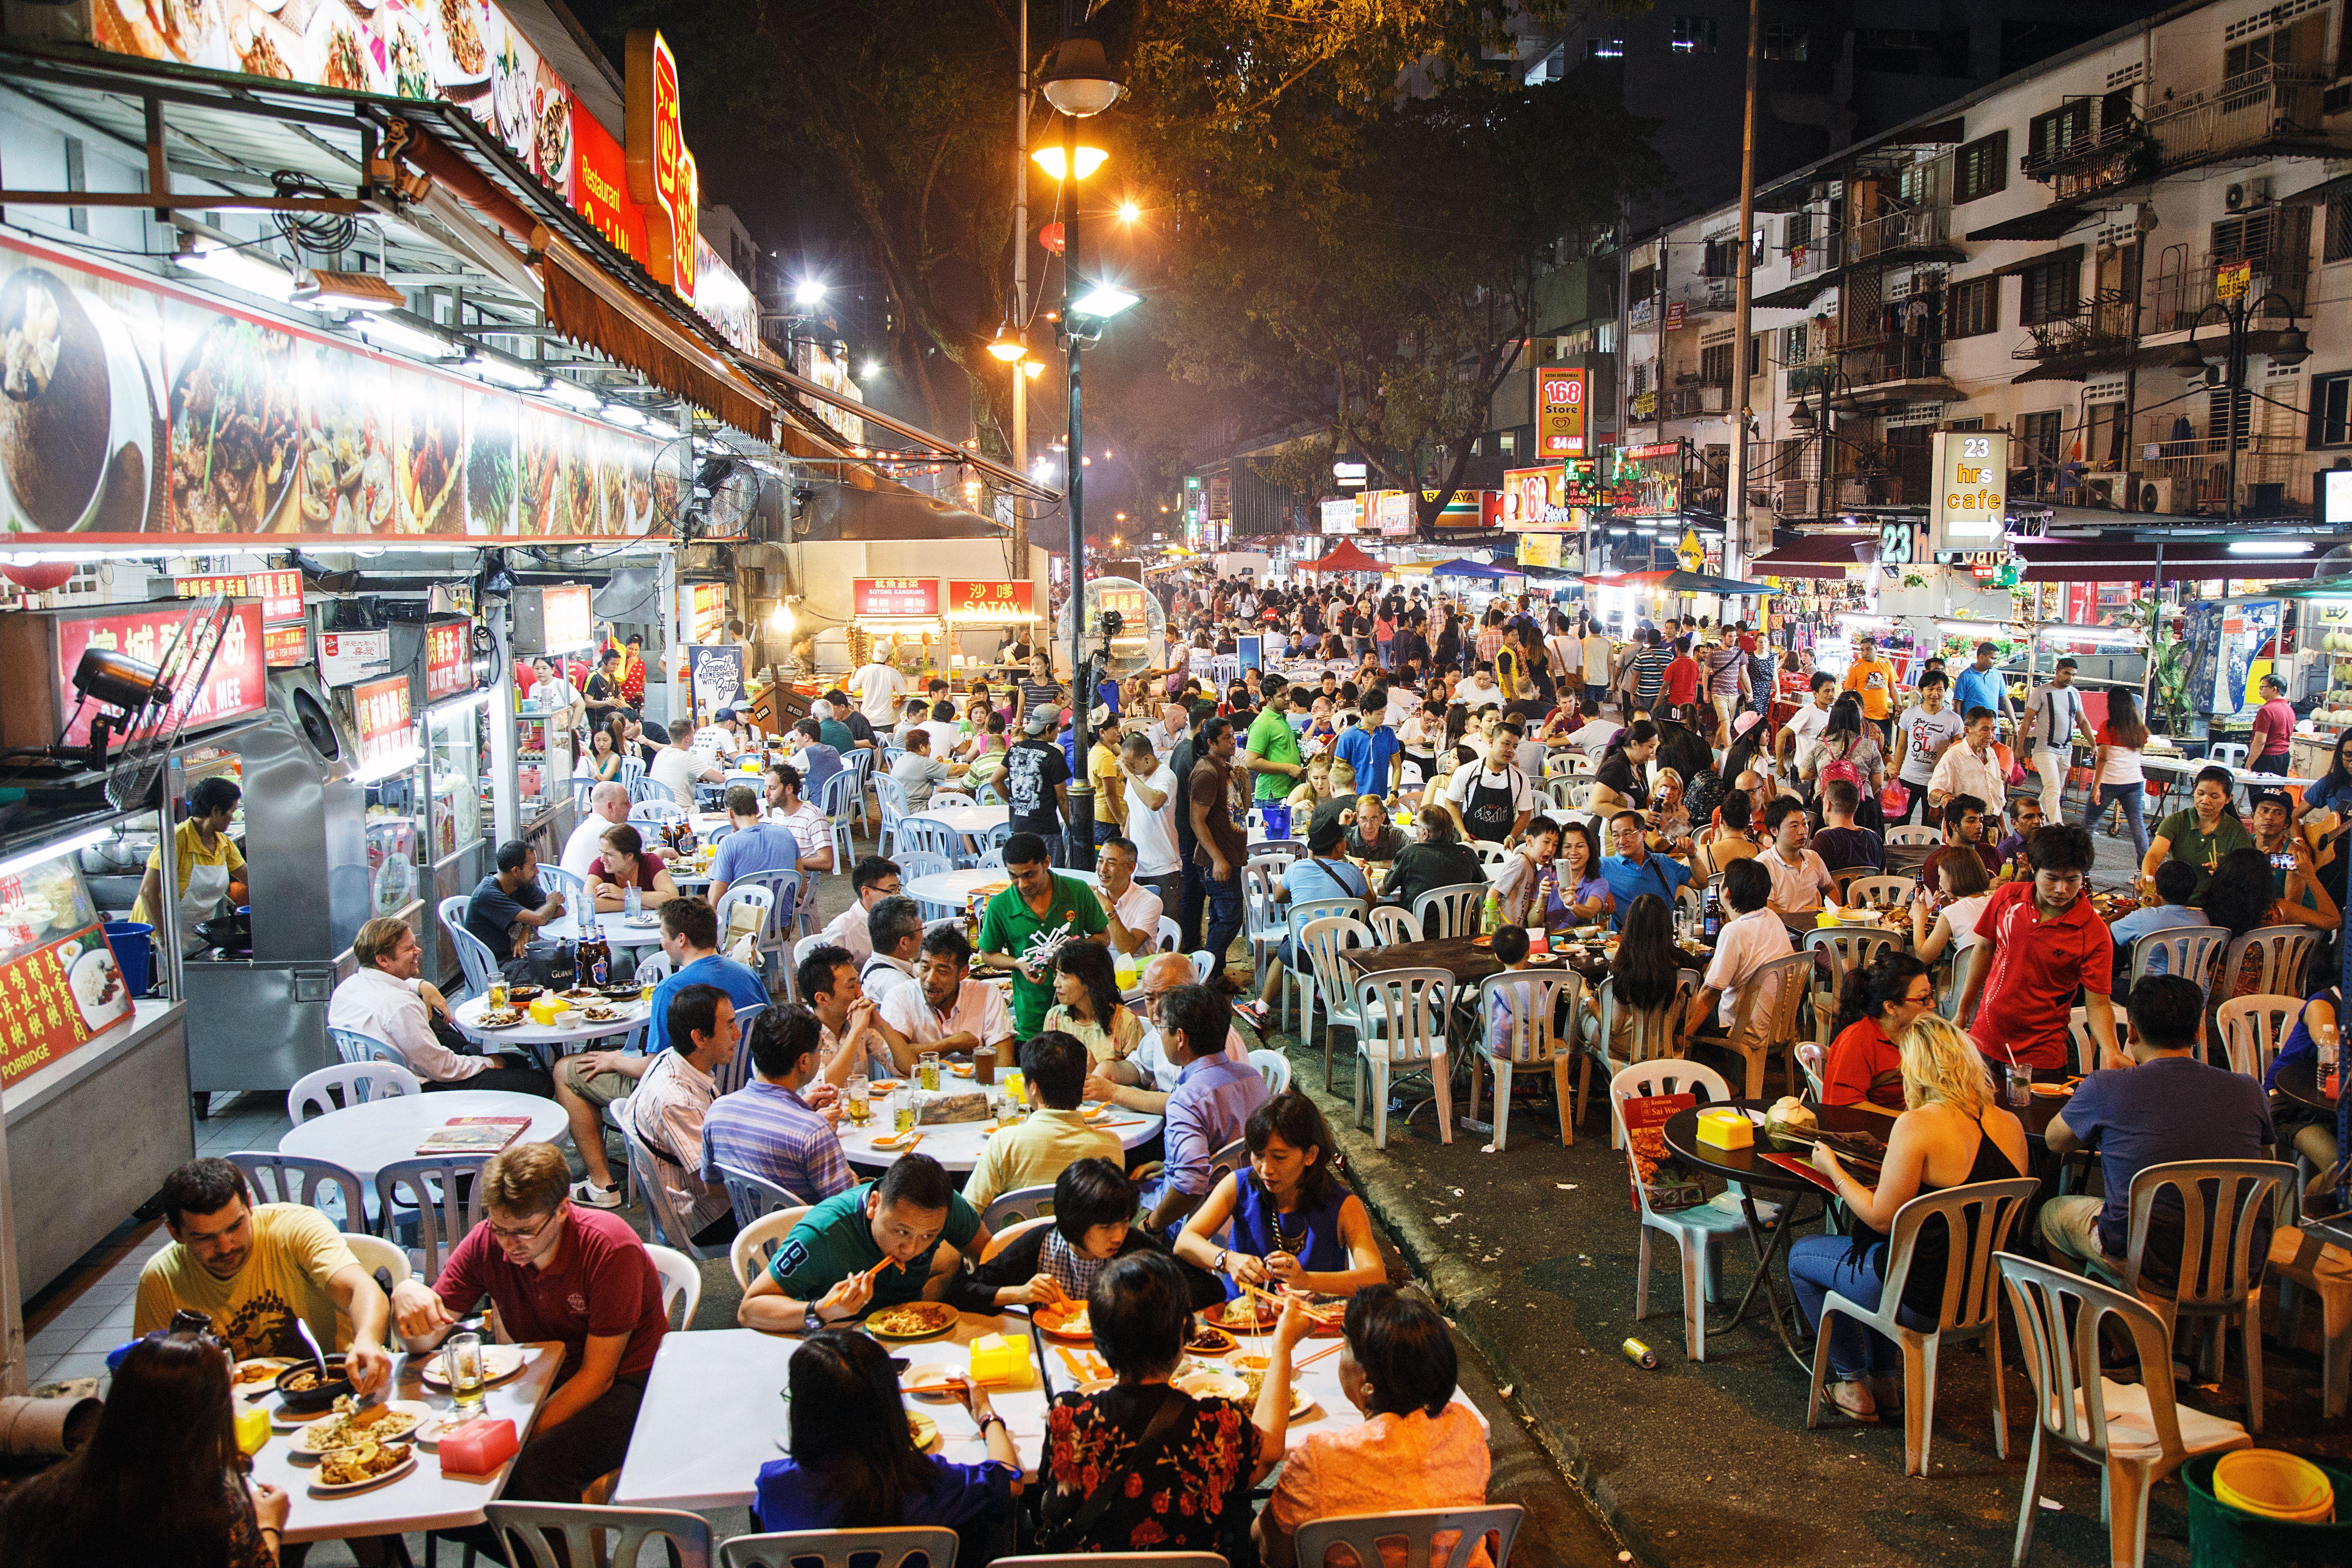 Jalan Alor in Kuala Lumpur, Malaysia